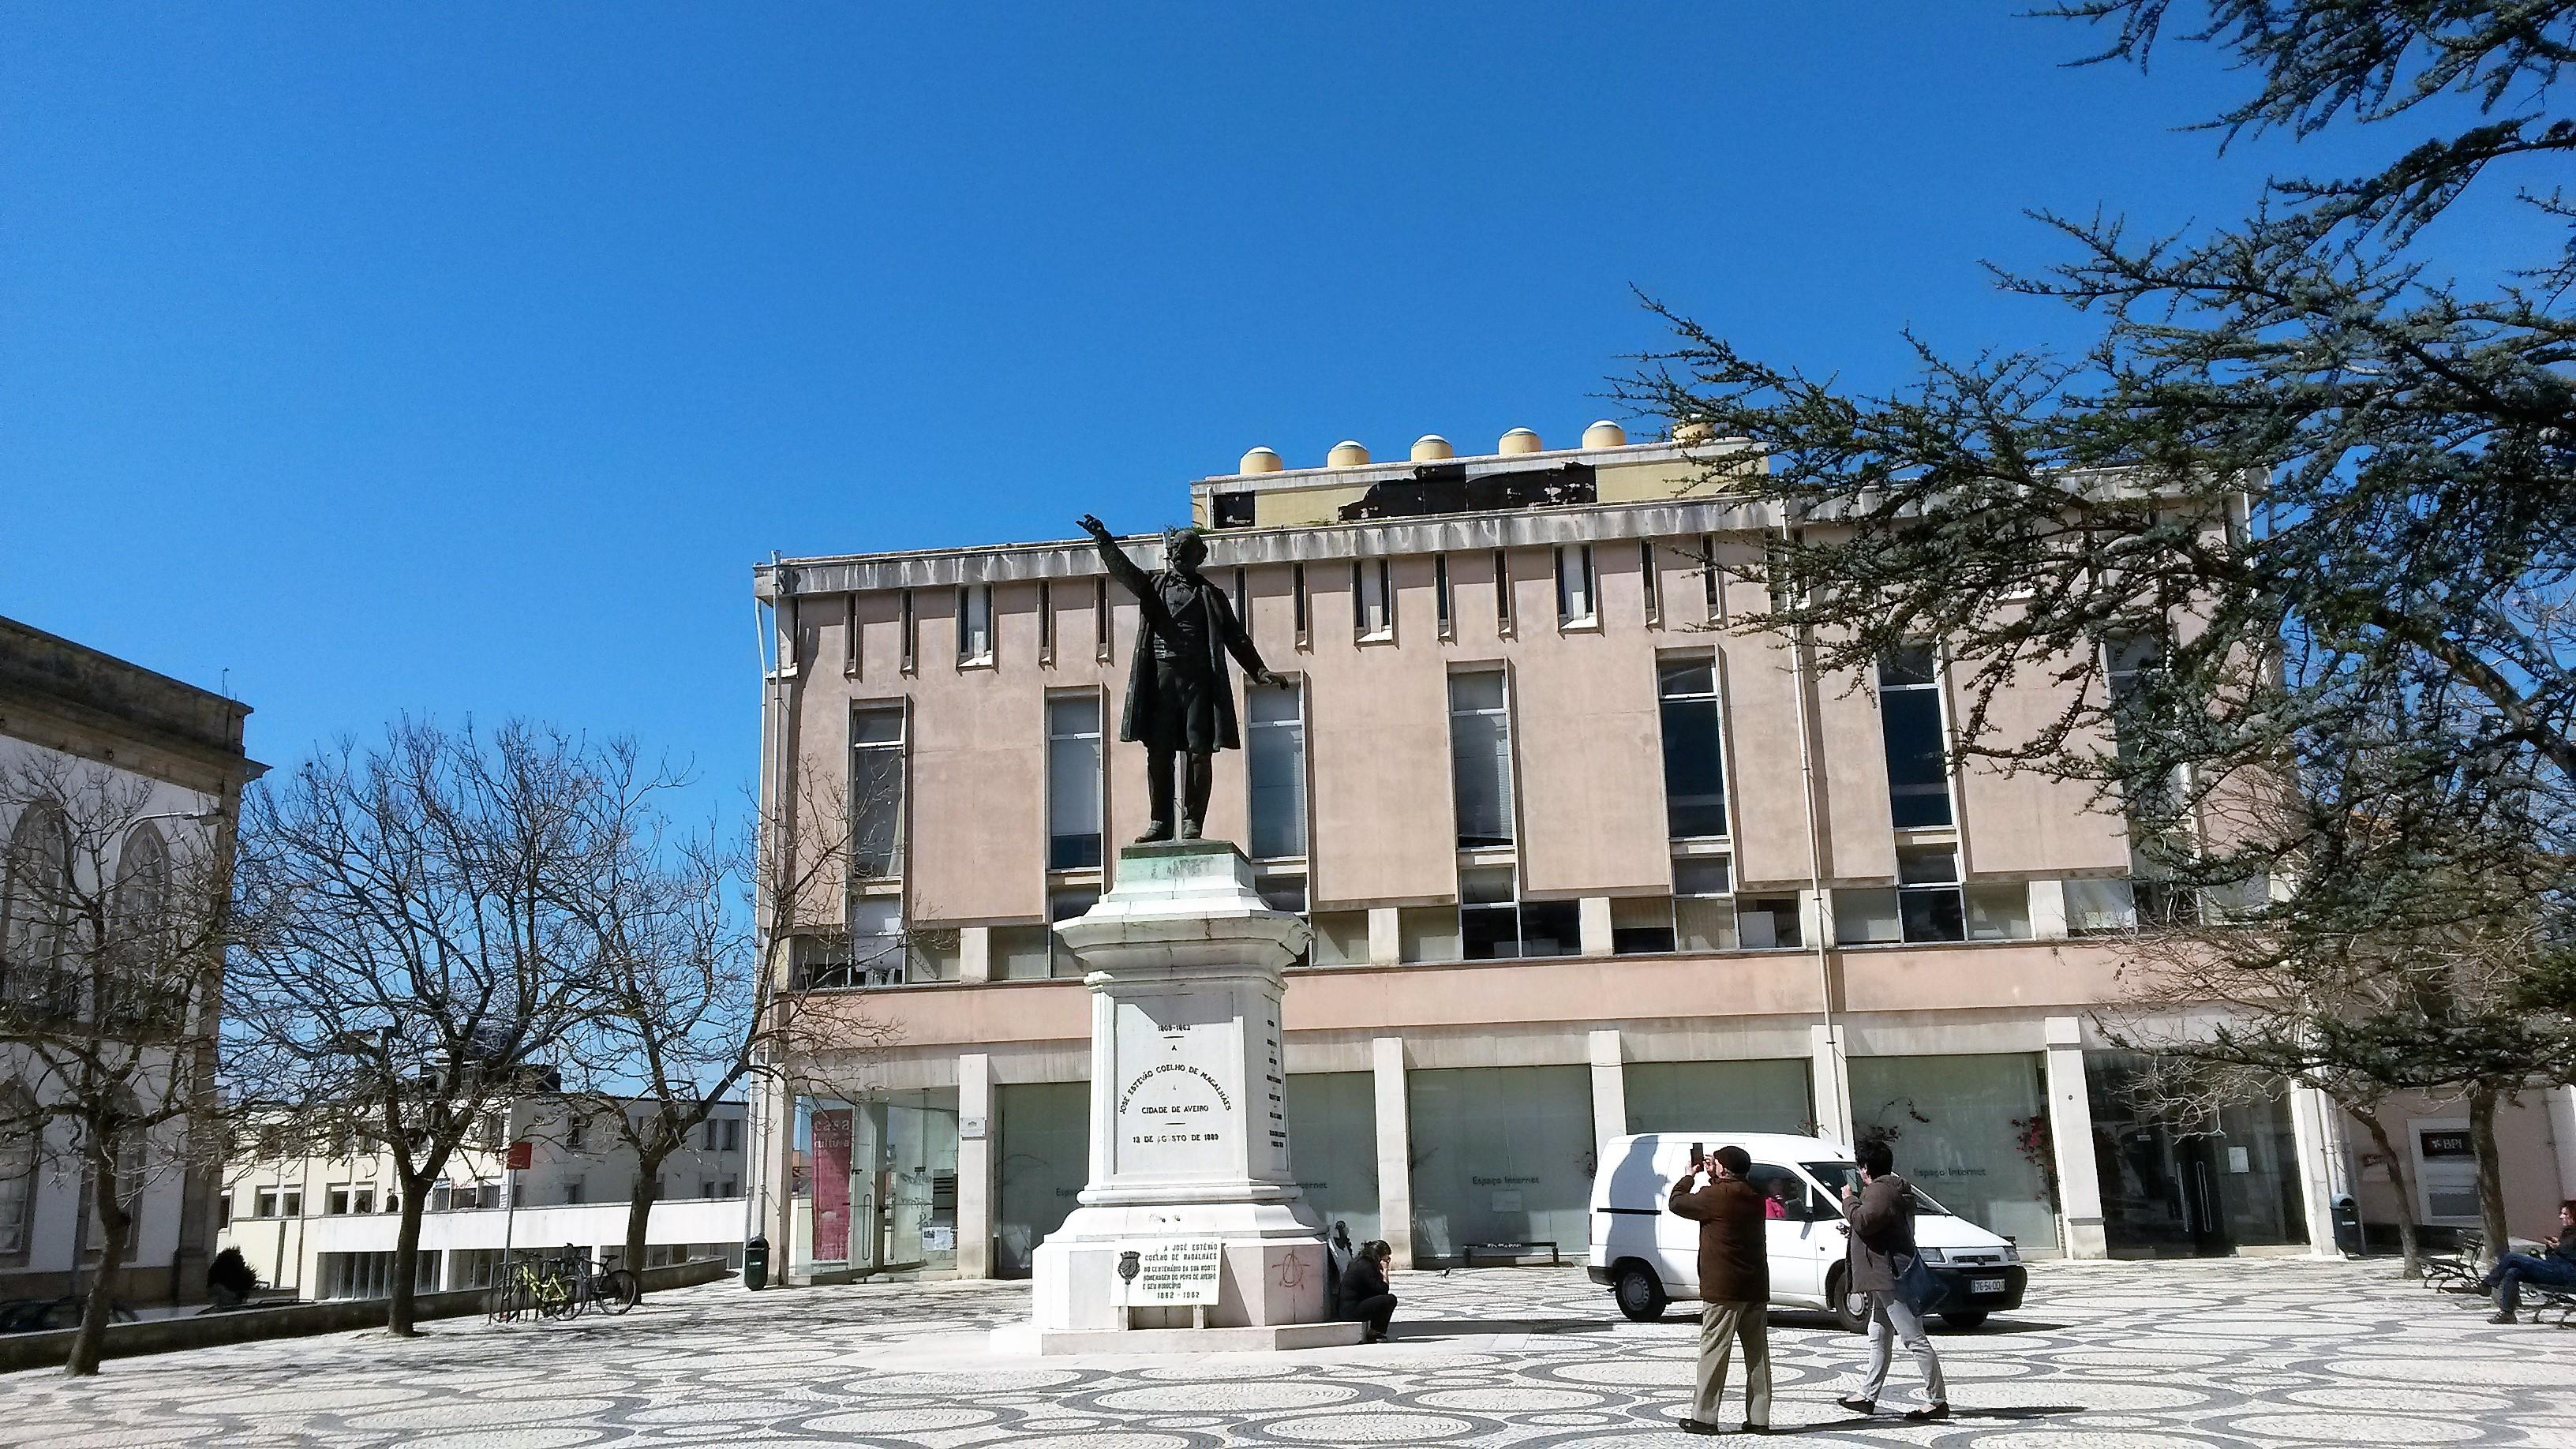 Monumento de Aveiro